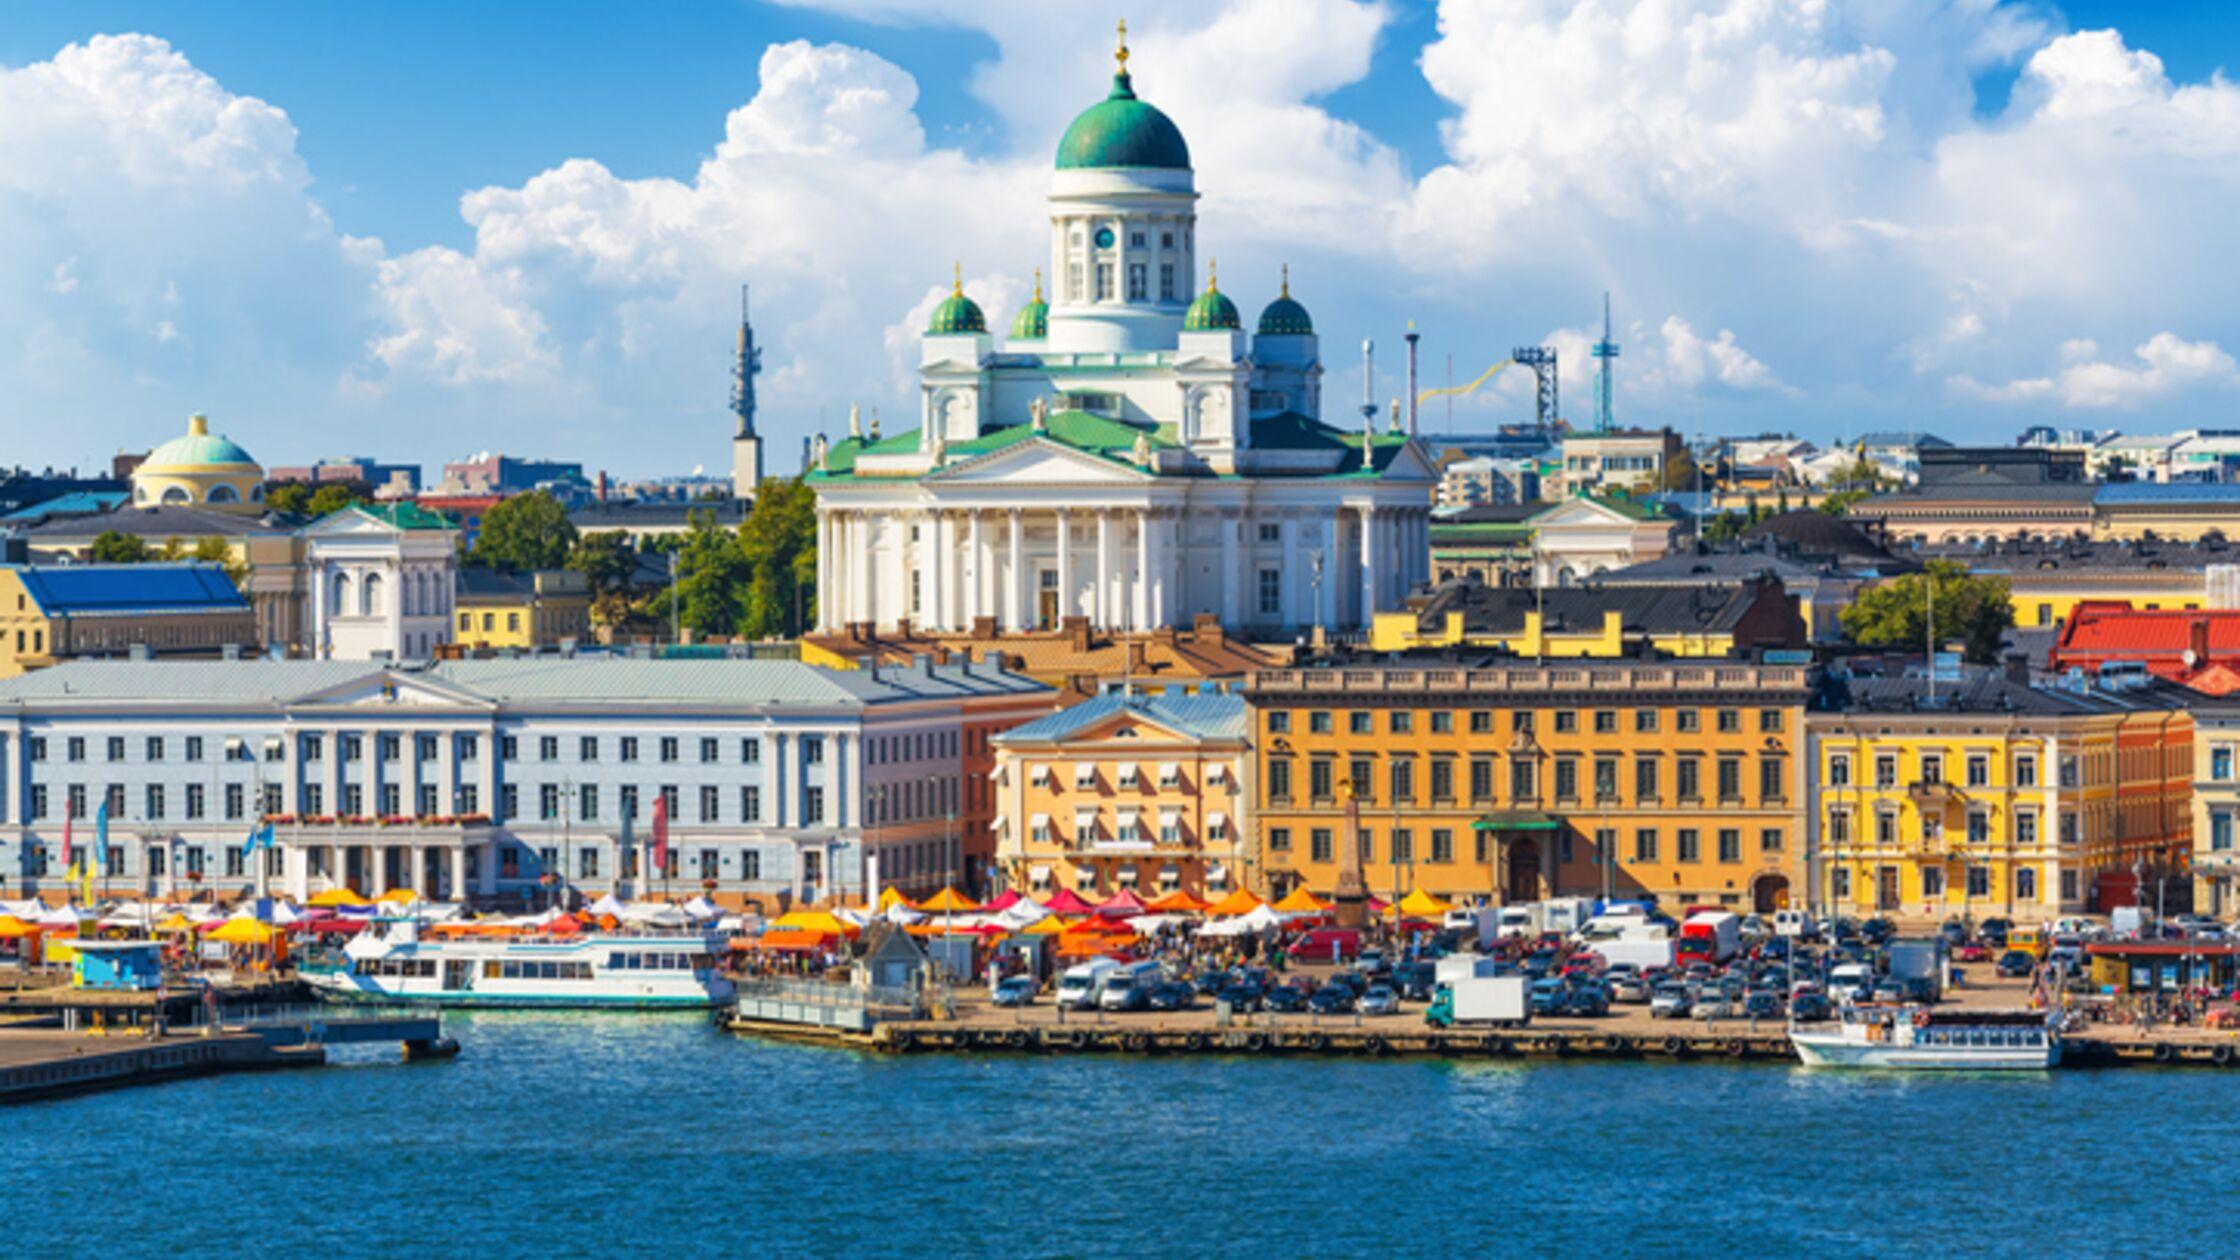 Auswandern nach Finnland: Machen Sie das Land der 1.000 Seen zu Ihrer Heimat